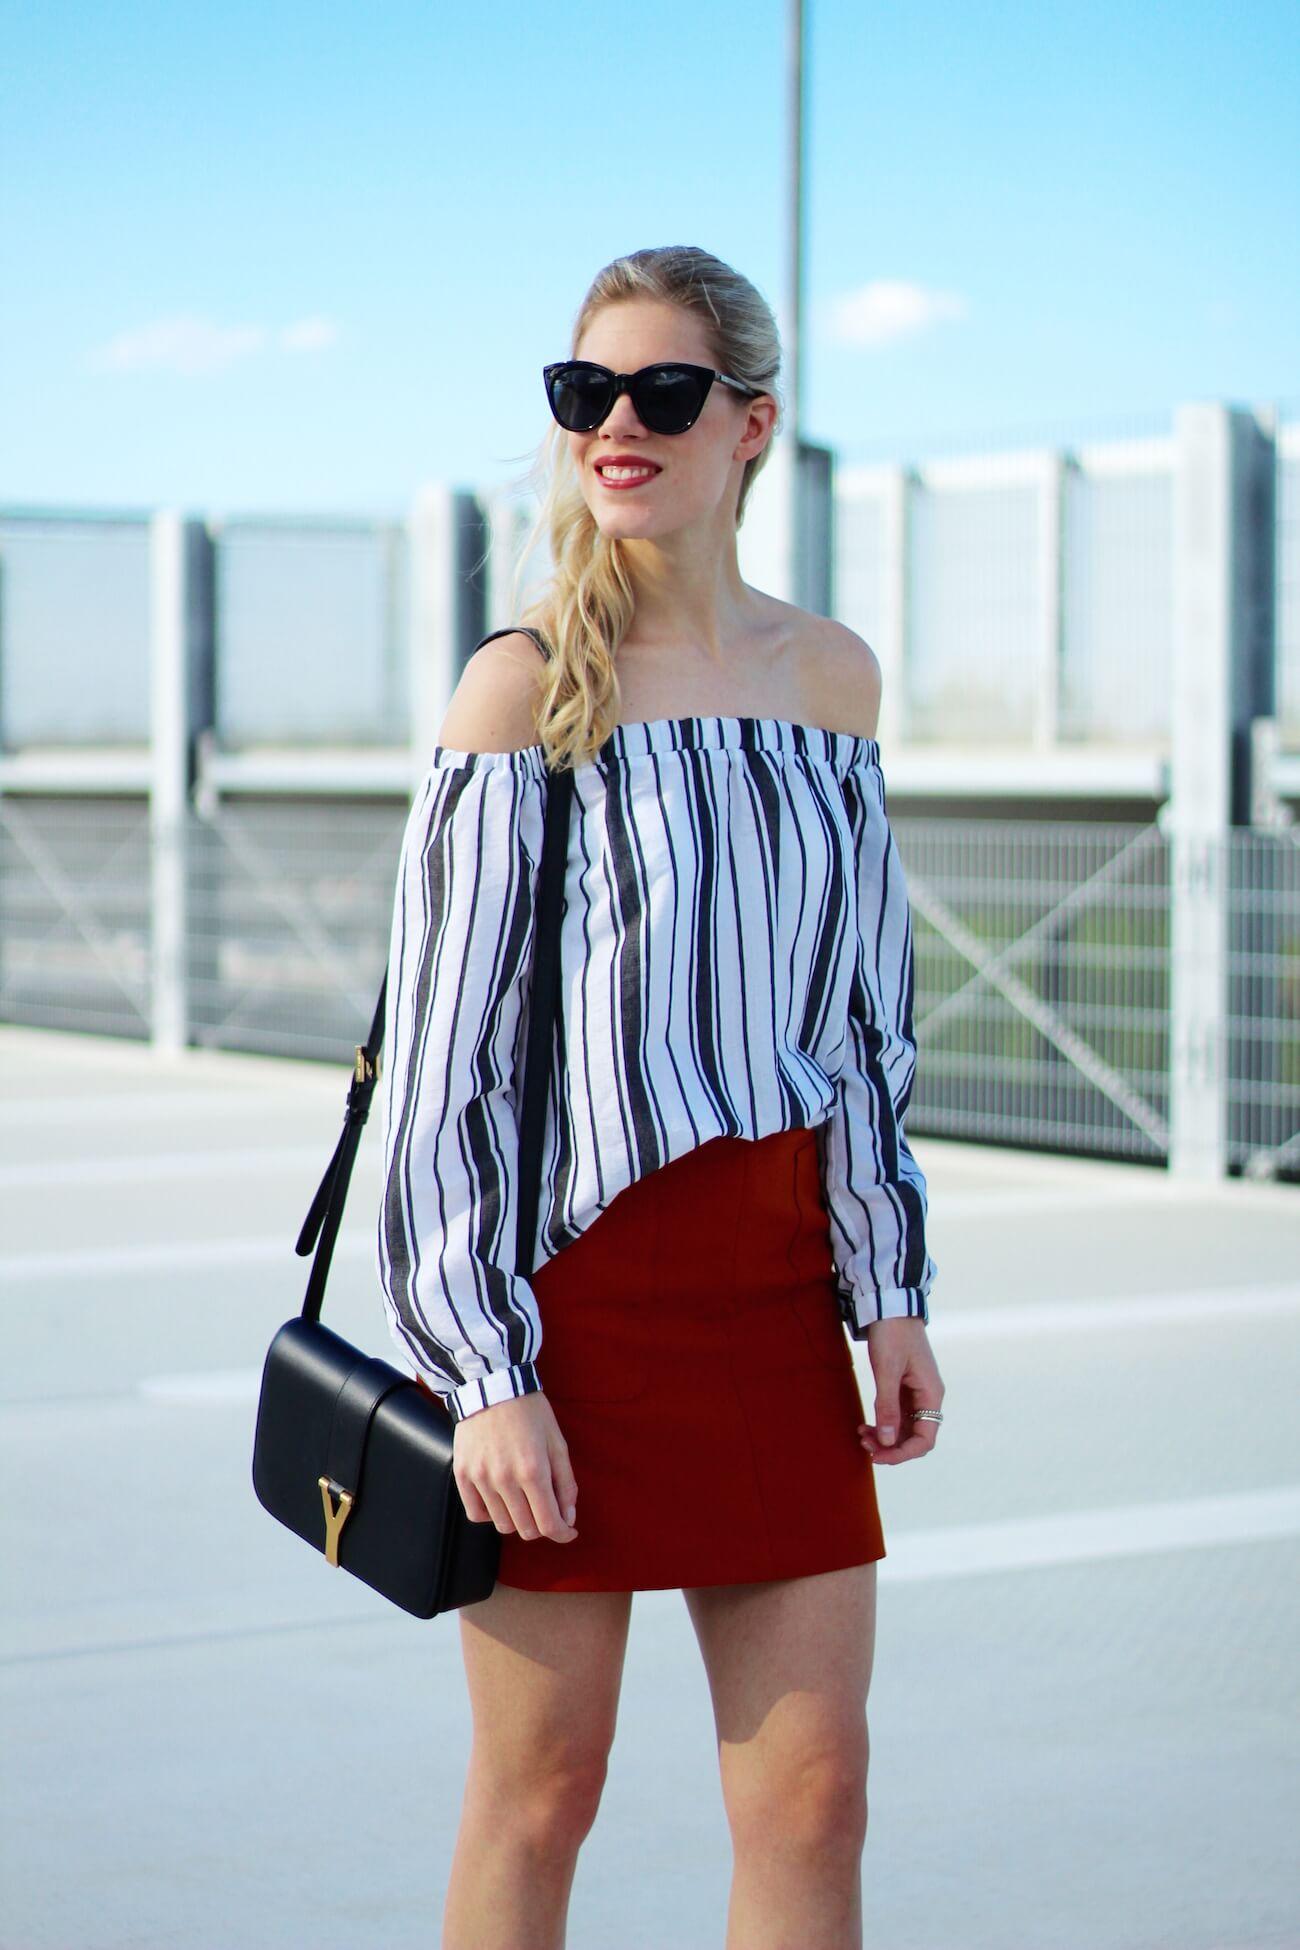 Asos-off-shoulder-blouse-stripes-orange-skirt-H&M-saint-laurent-bag6